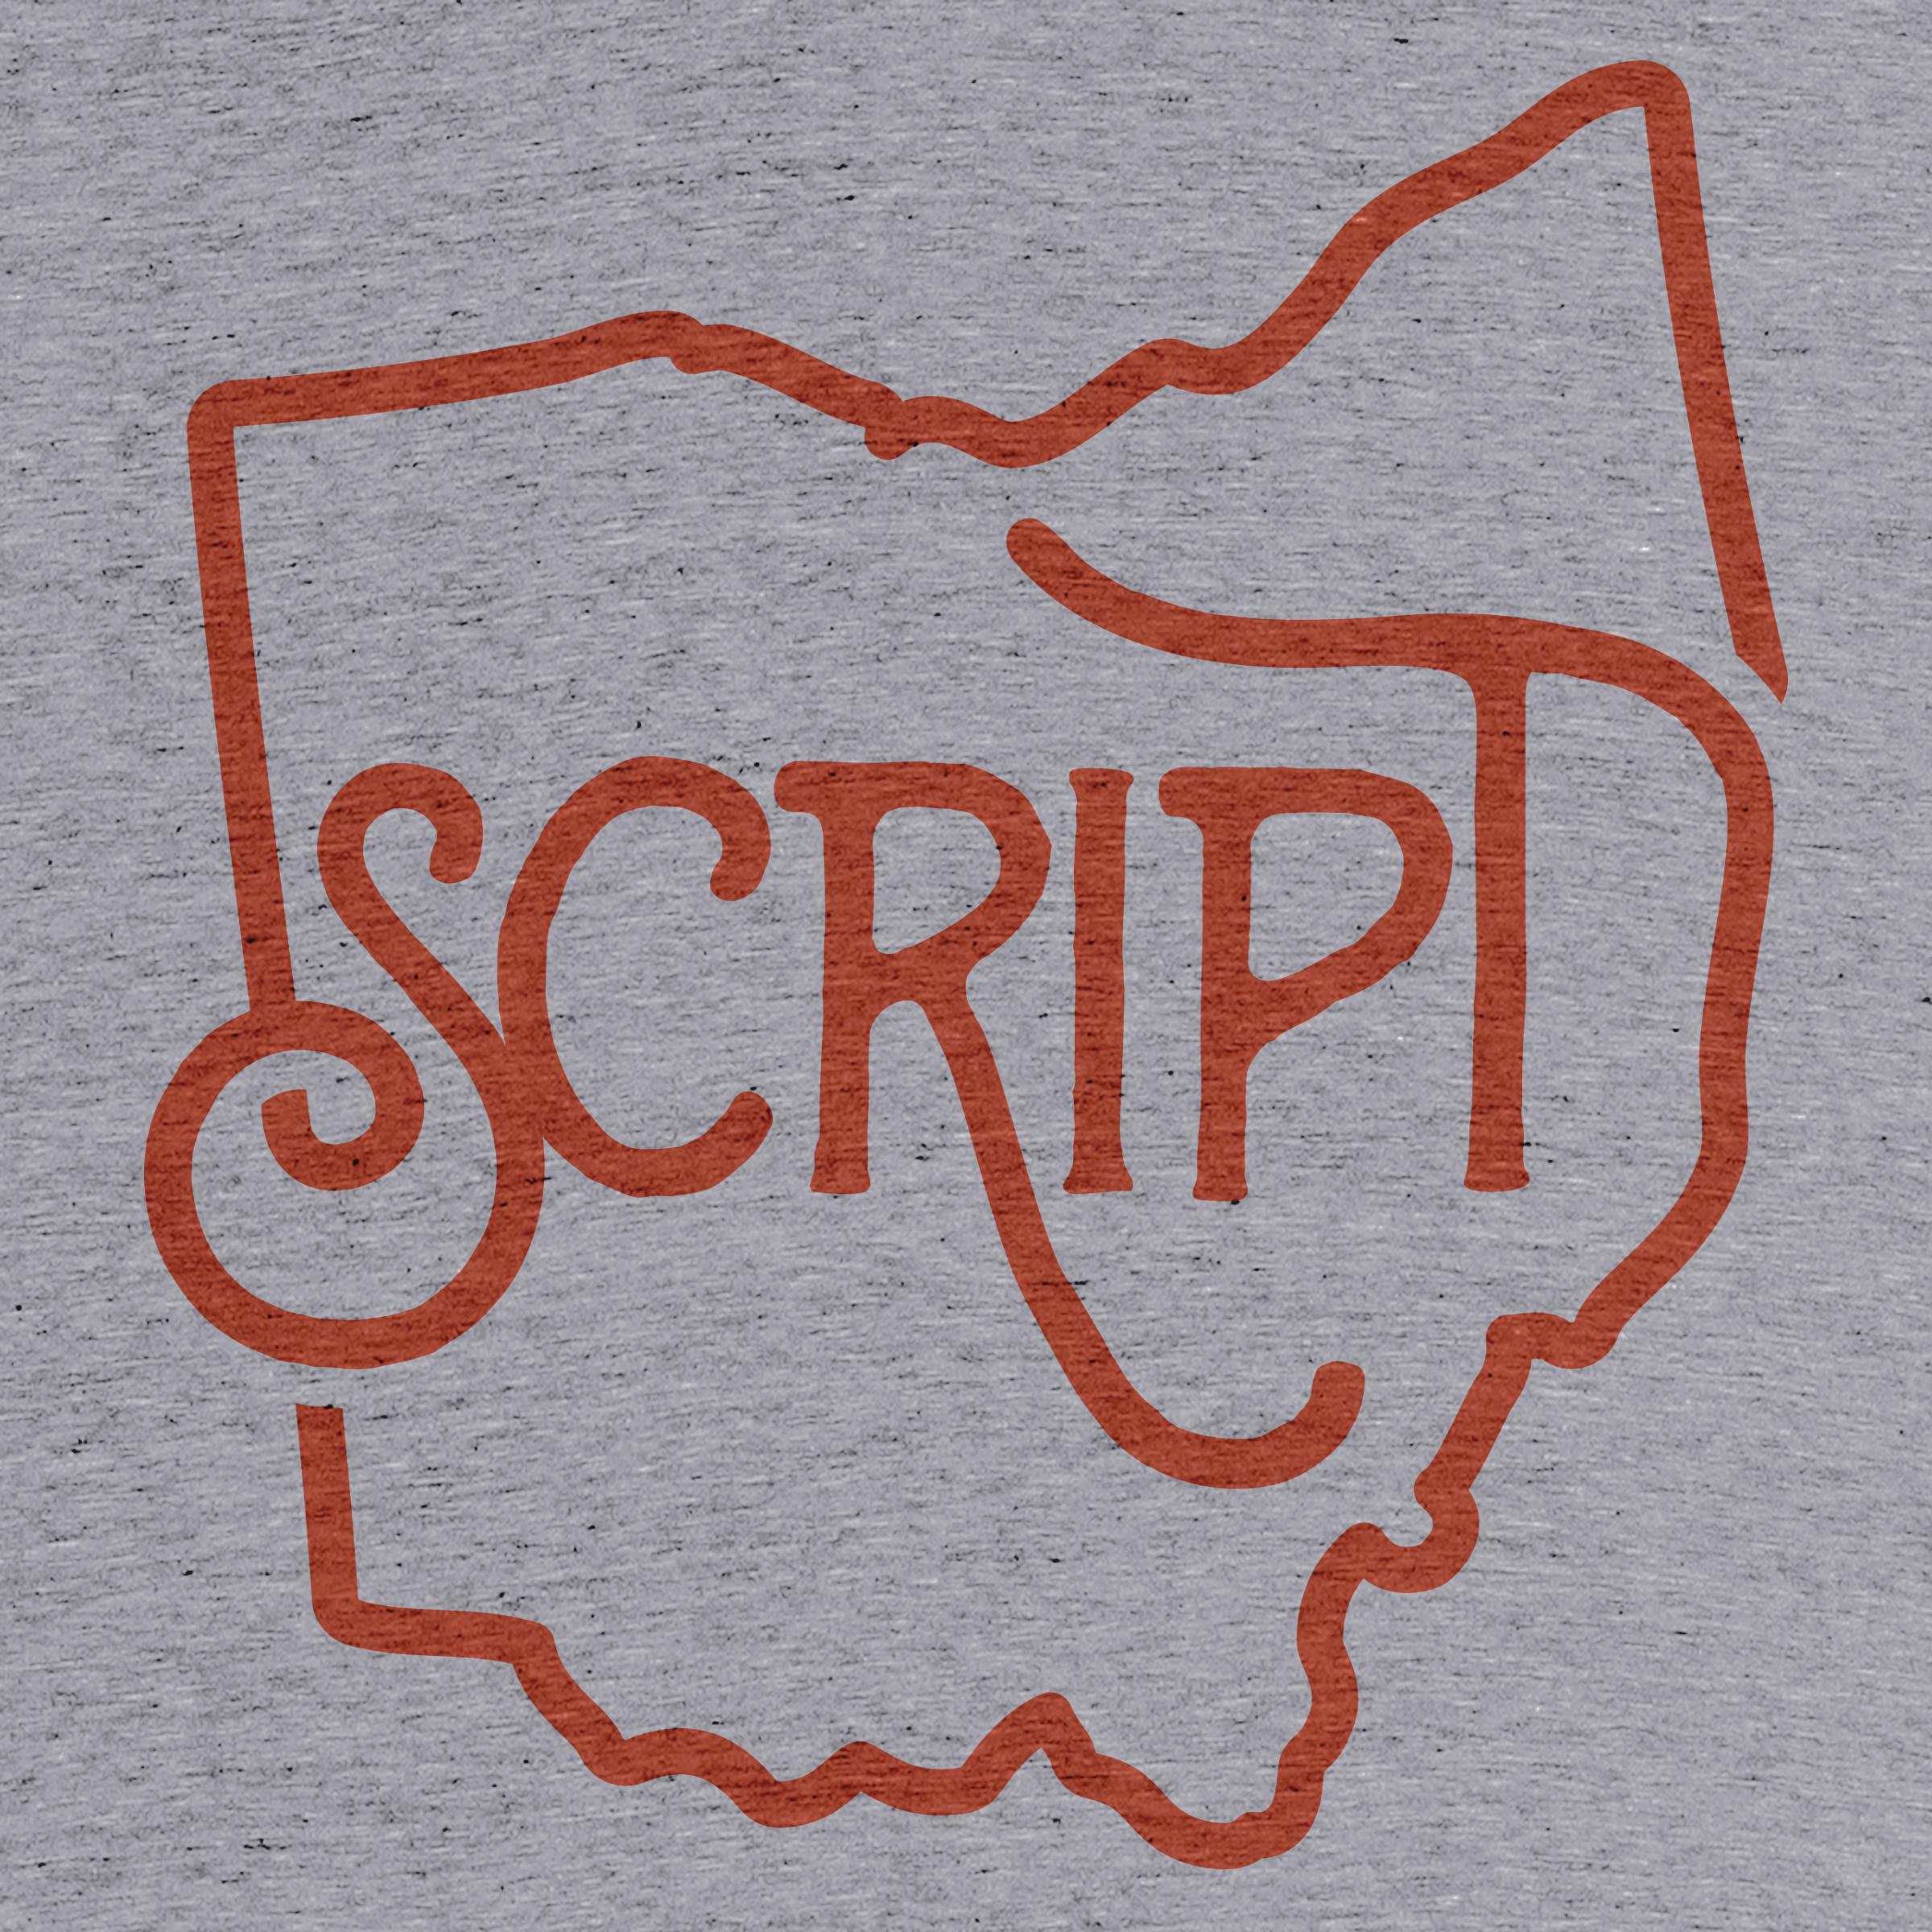 Script Ohio